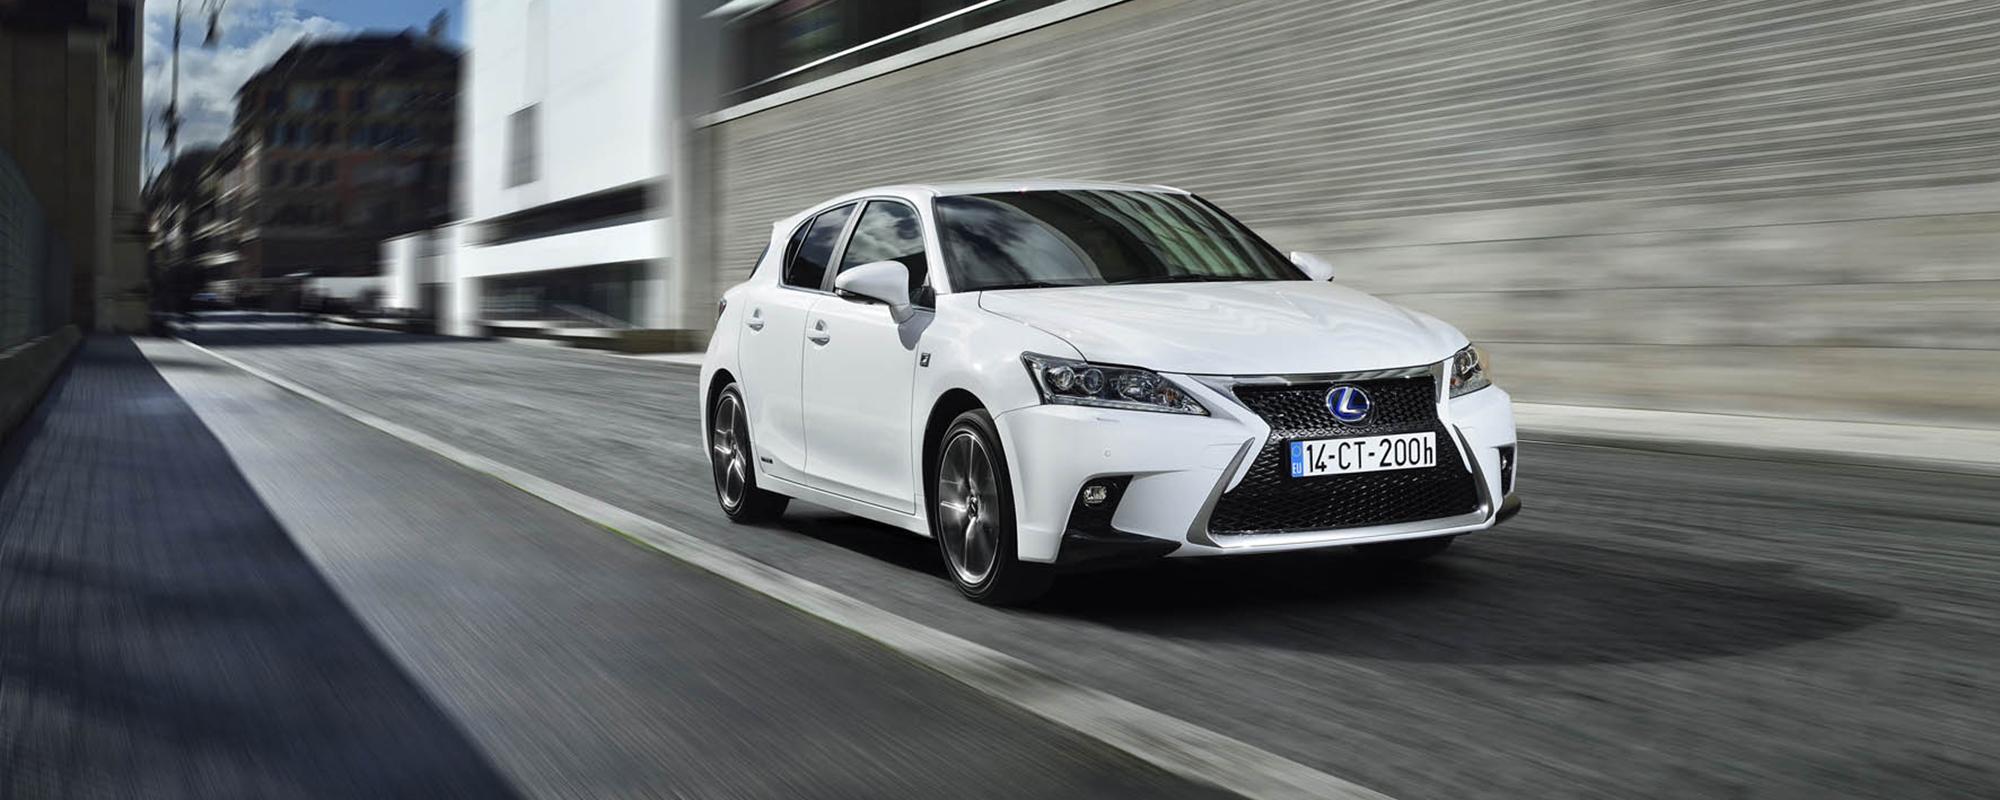 Lexus domineert in ANWB Top 10 Zuinige auto's